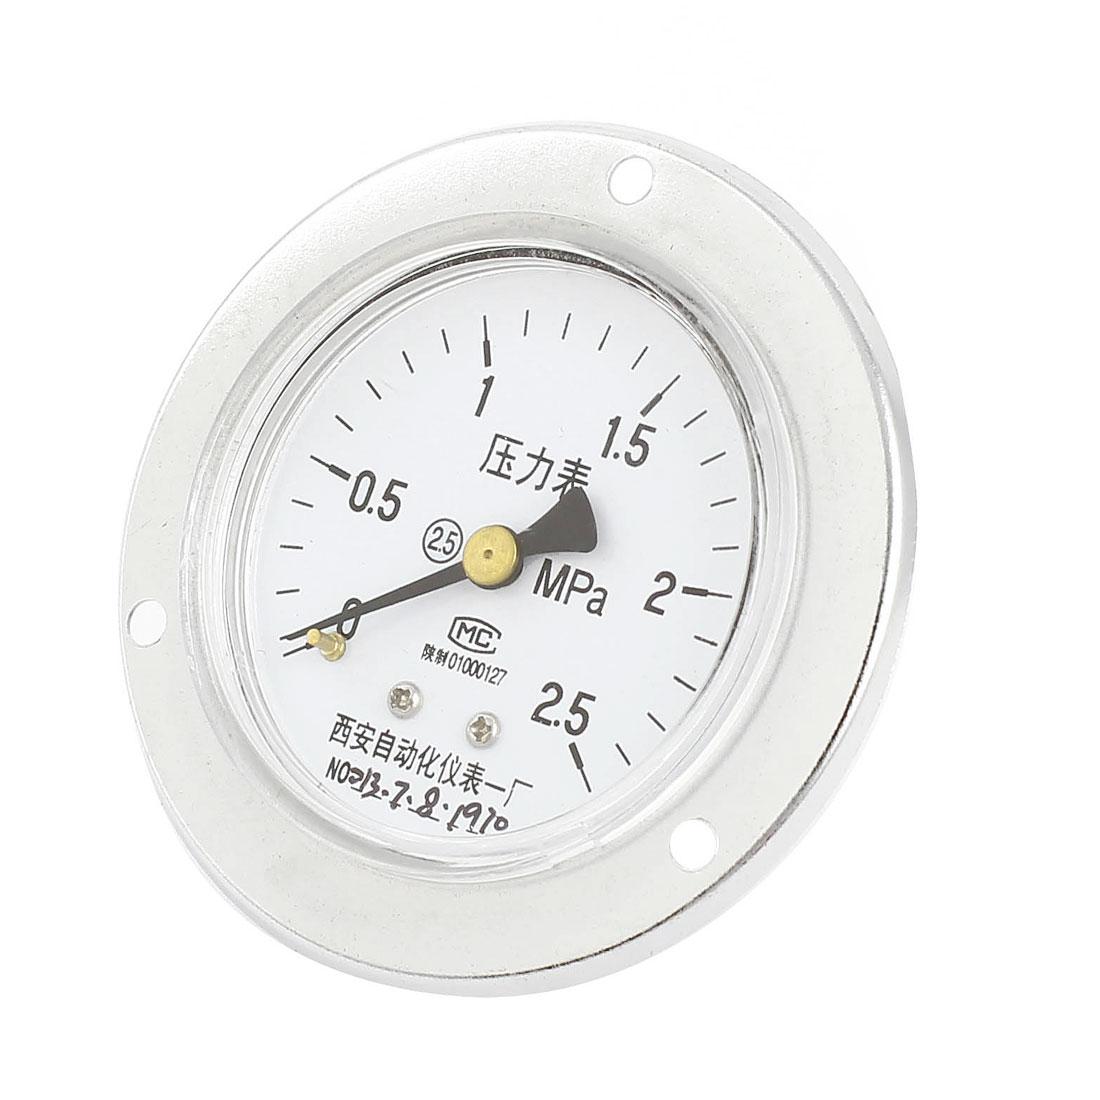 0-2.5MPa Universal Mechanical Glow Oil Gas Air Vacuum Pressure Meter Gauge 60mm